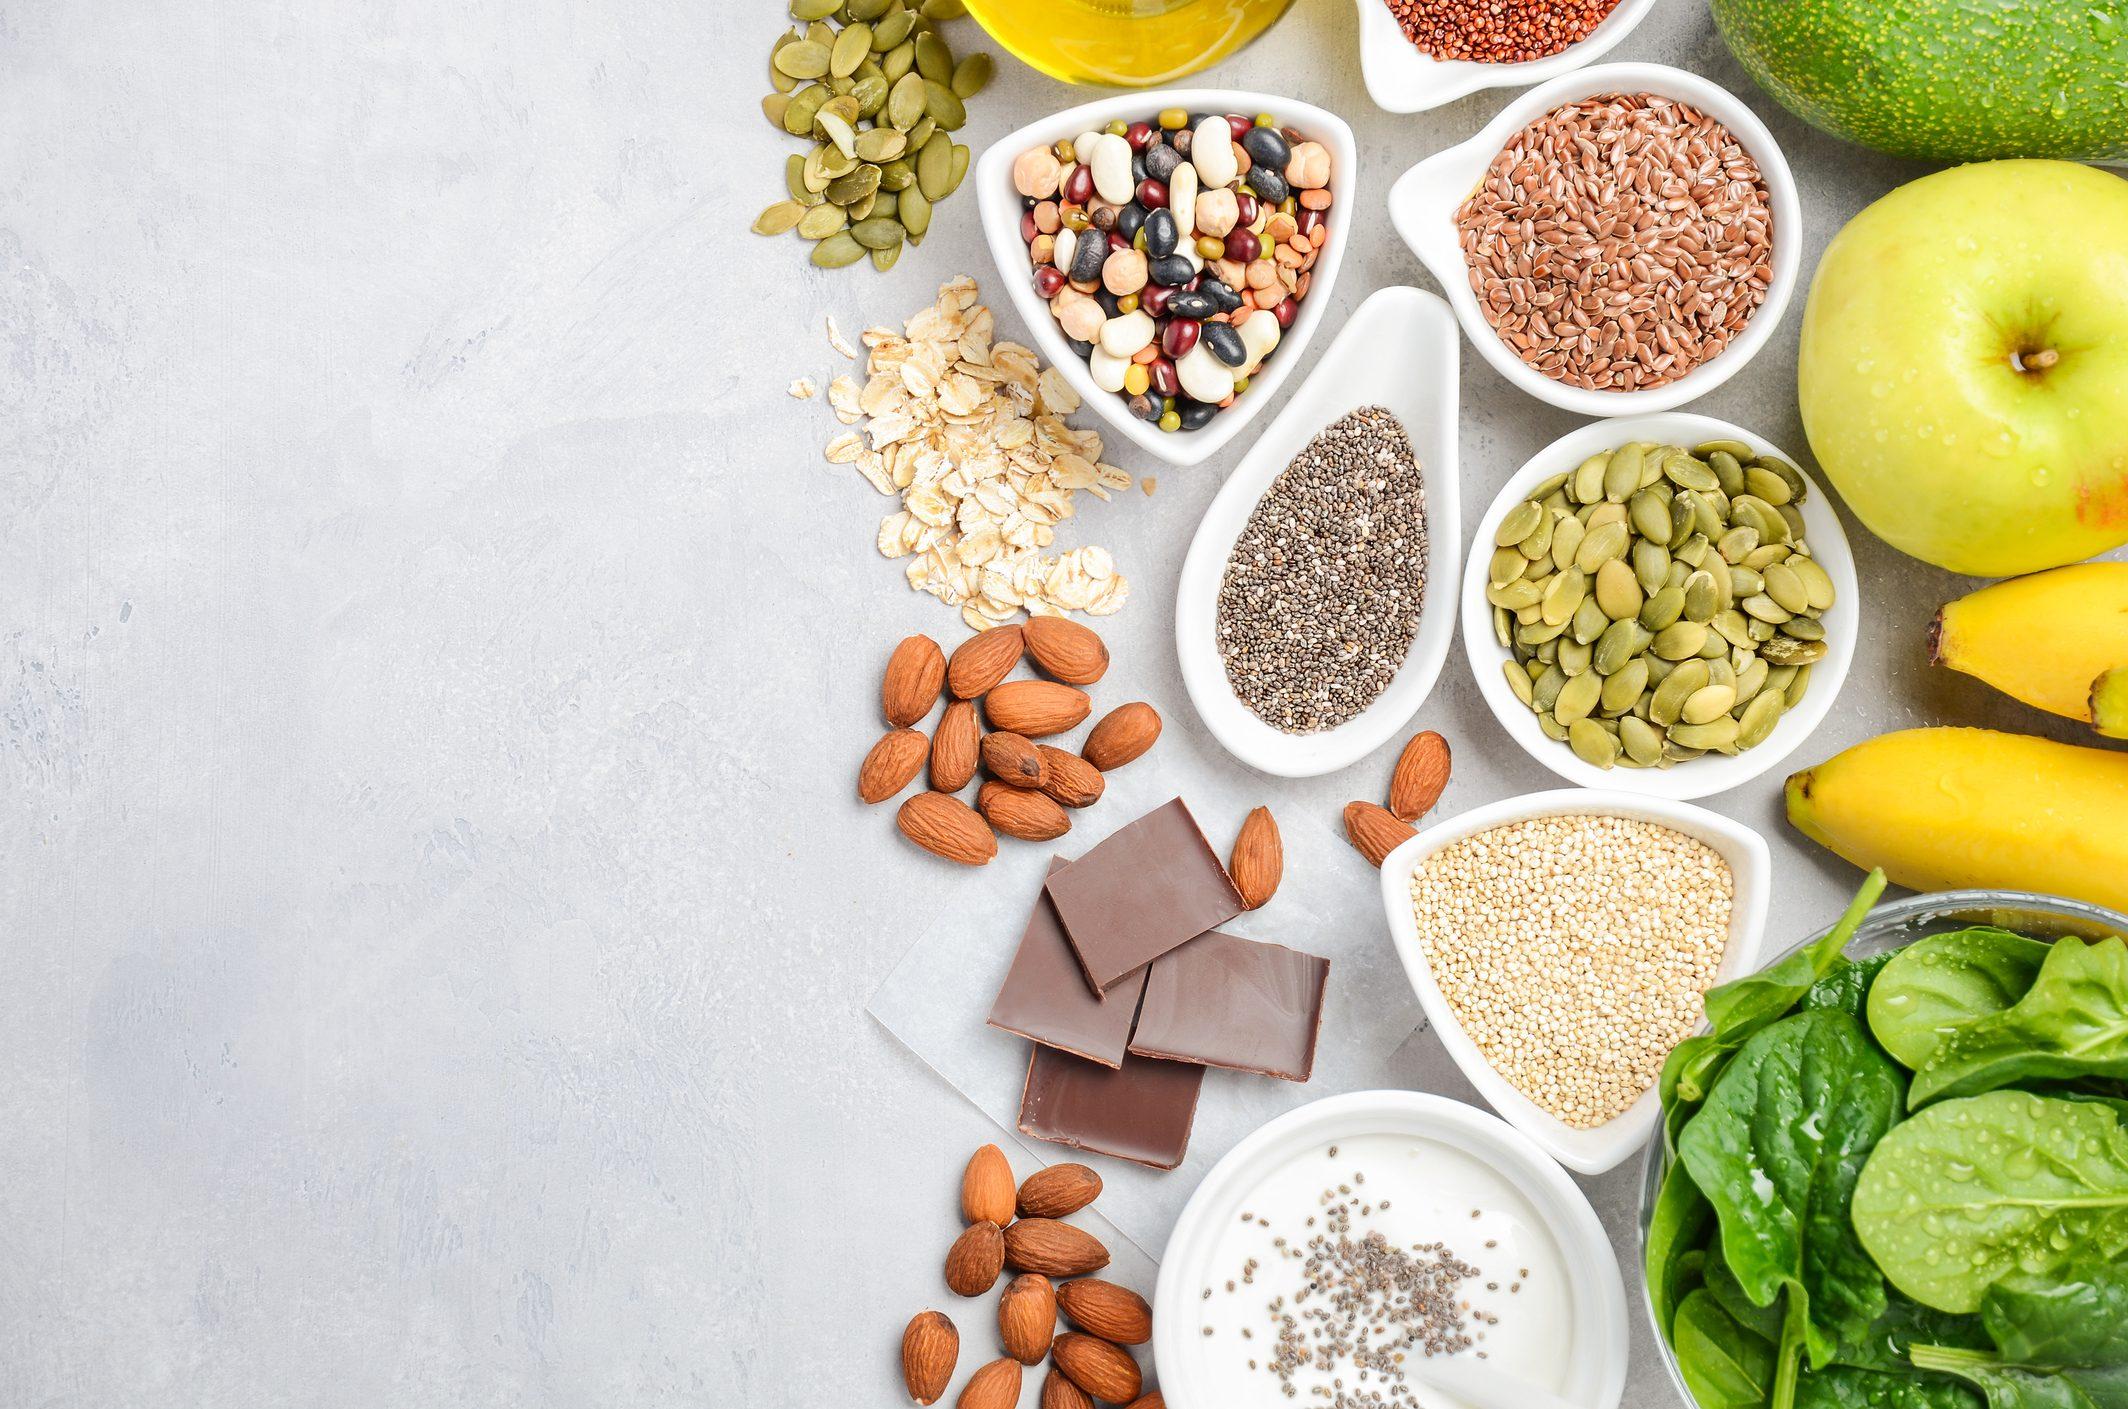 quale dieta può essere fatta durante lallattamento